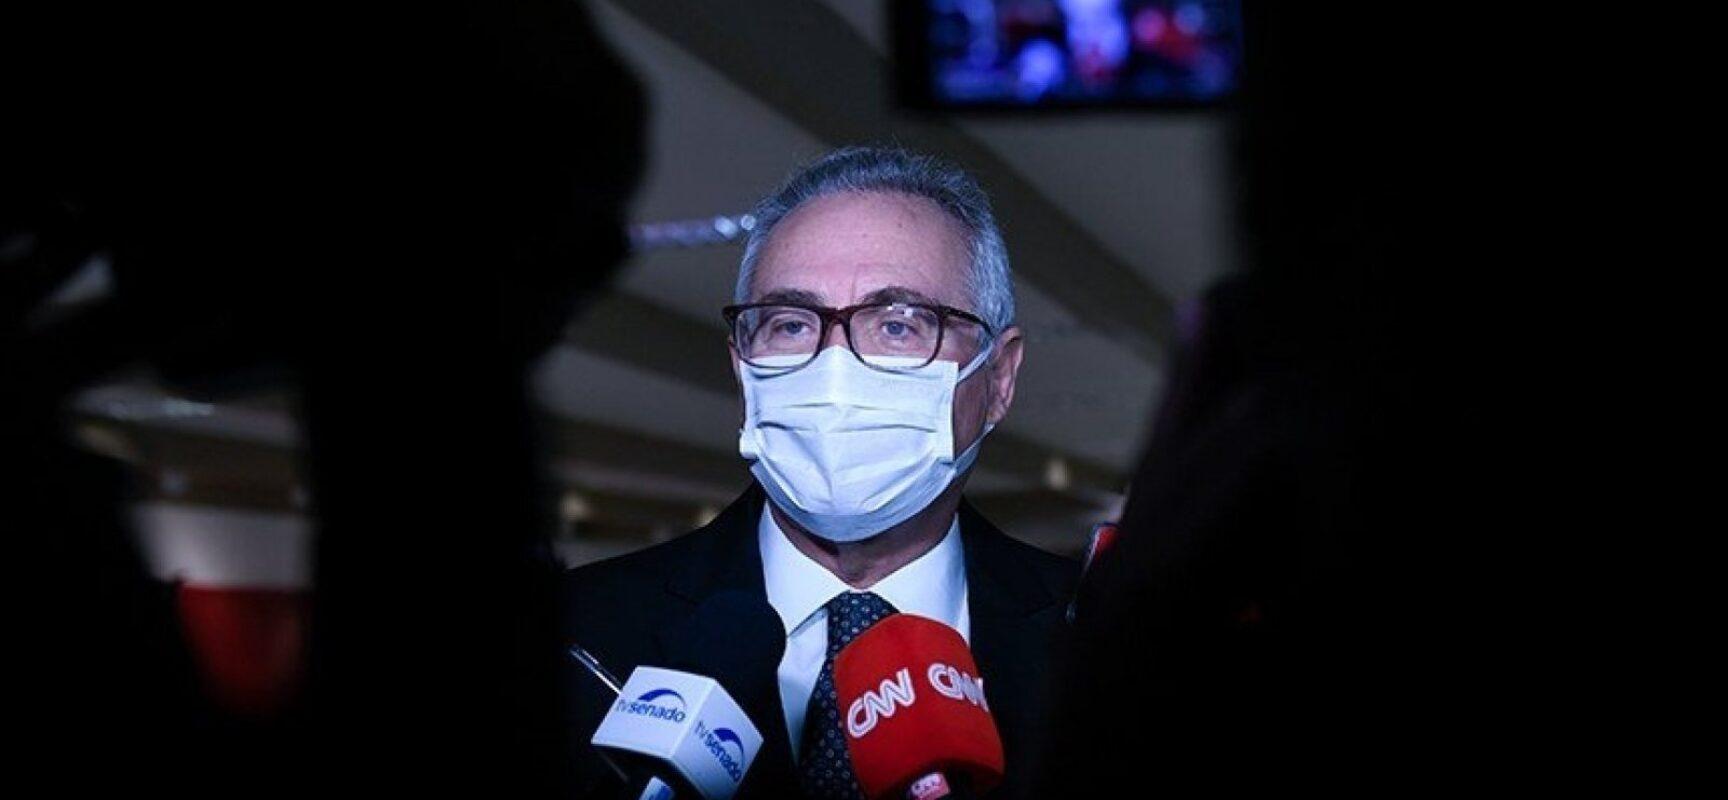 Relatório da CPI da Pandemia sai em setembro, diz o relator, Renan Calheiros